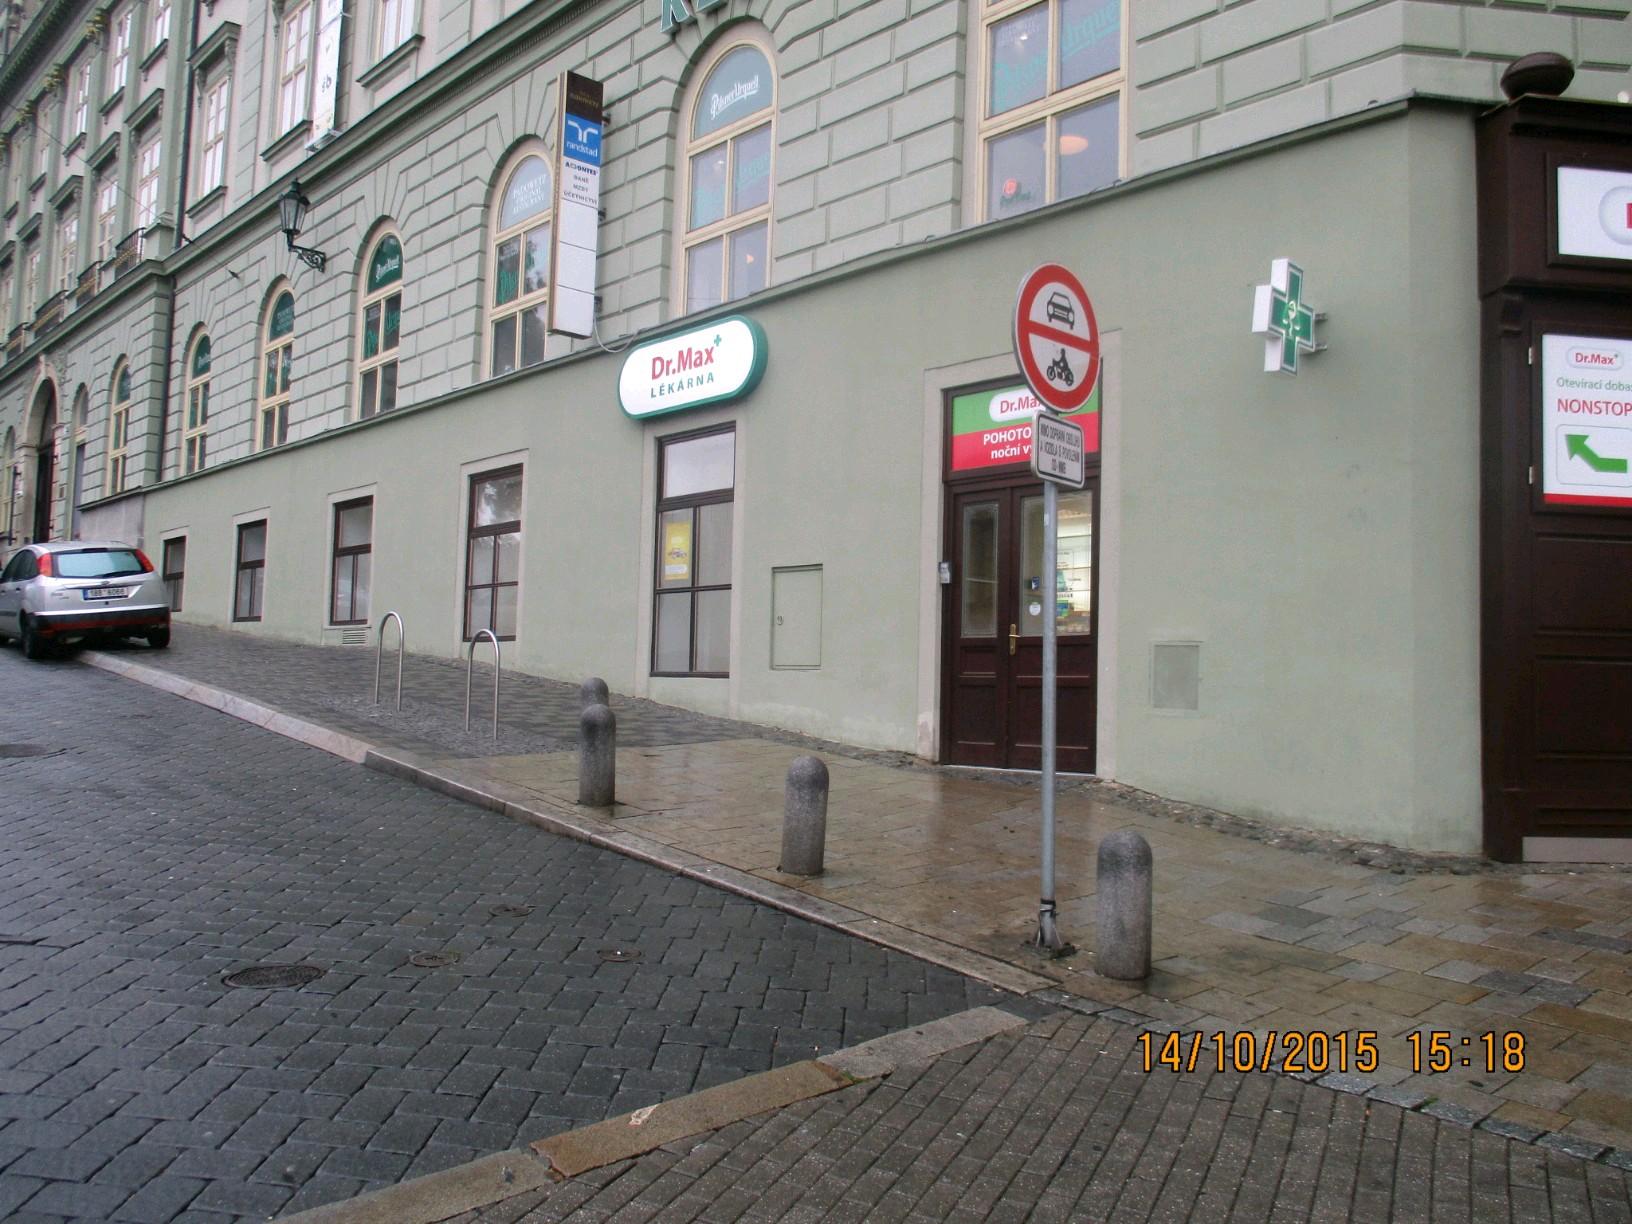 Dr.Max, Bašty 413/2, Brno